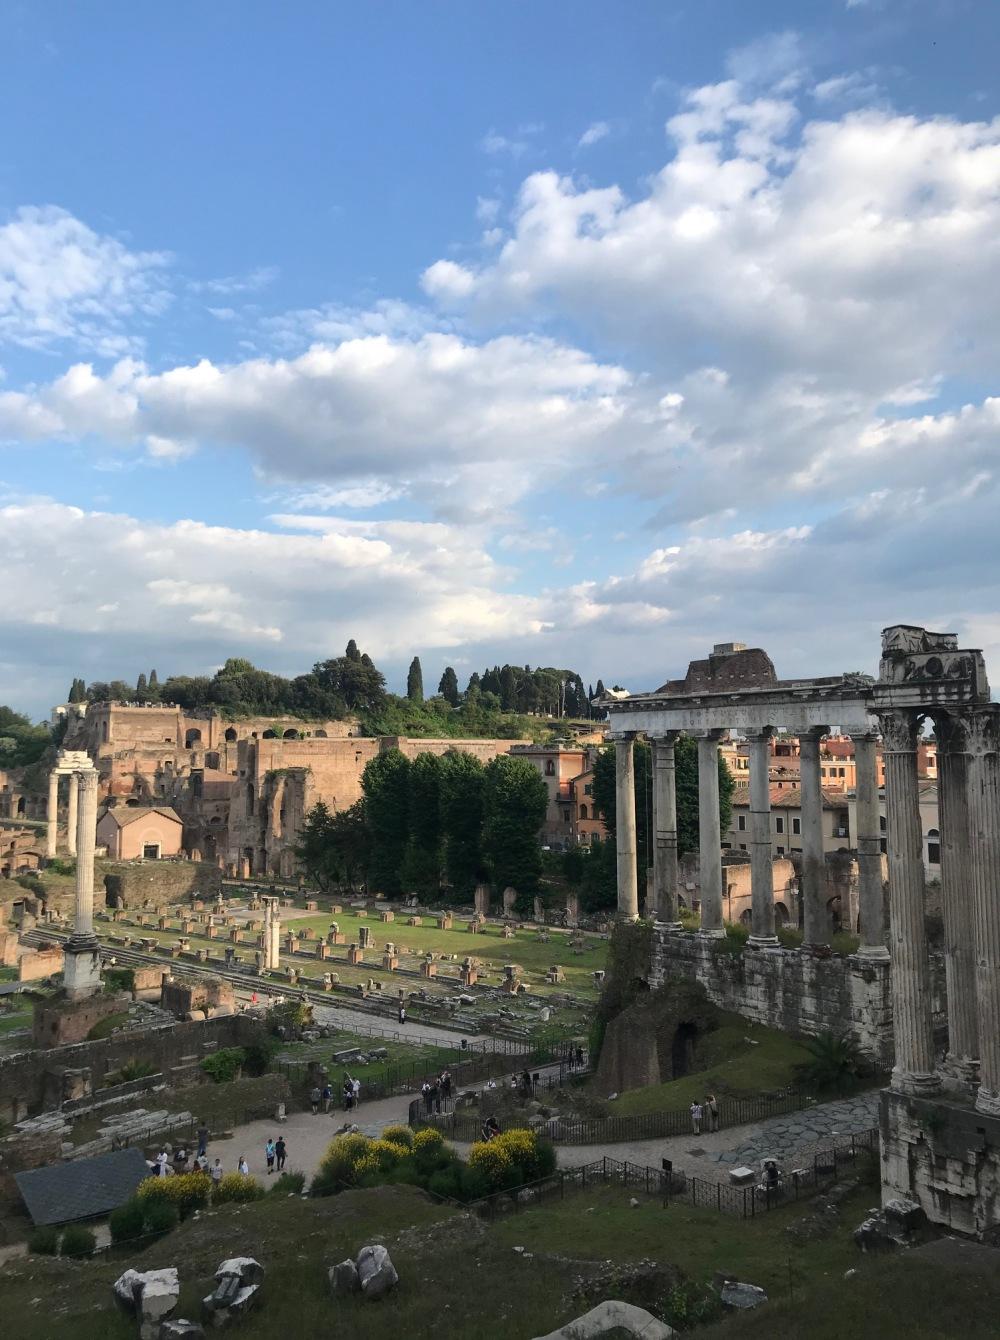 Vista aérea do Fórum Romano em Roma